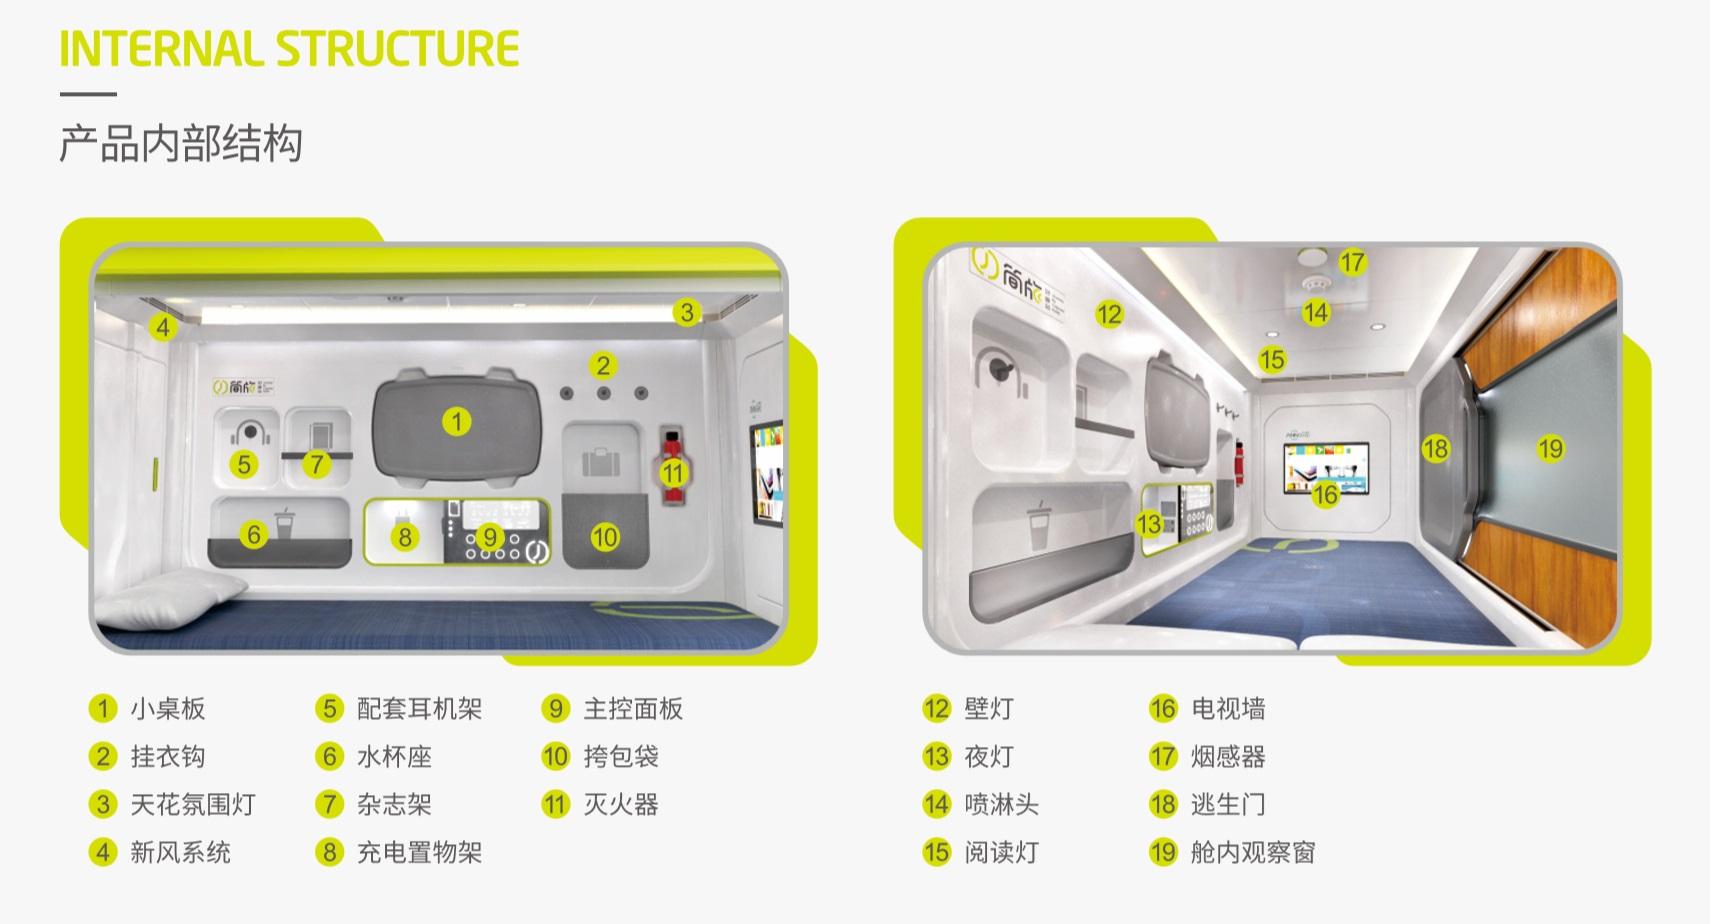 太空舱床功使用说明-太空舱床生产厂家0110.jpg